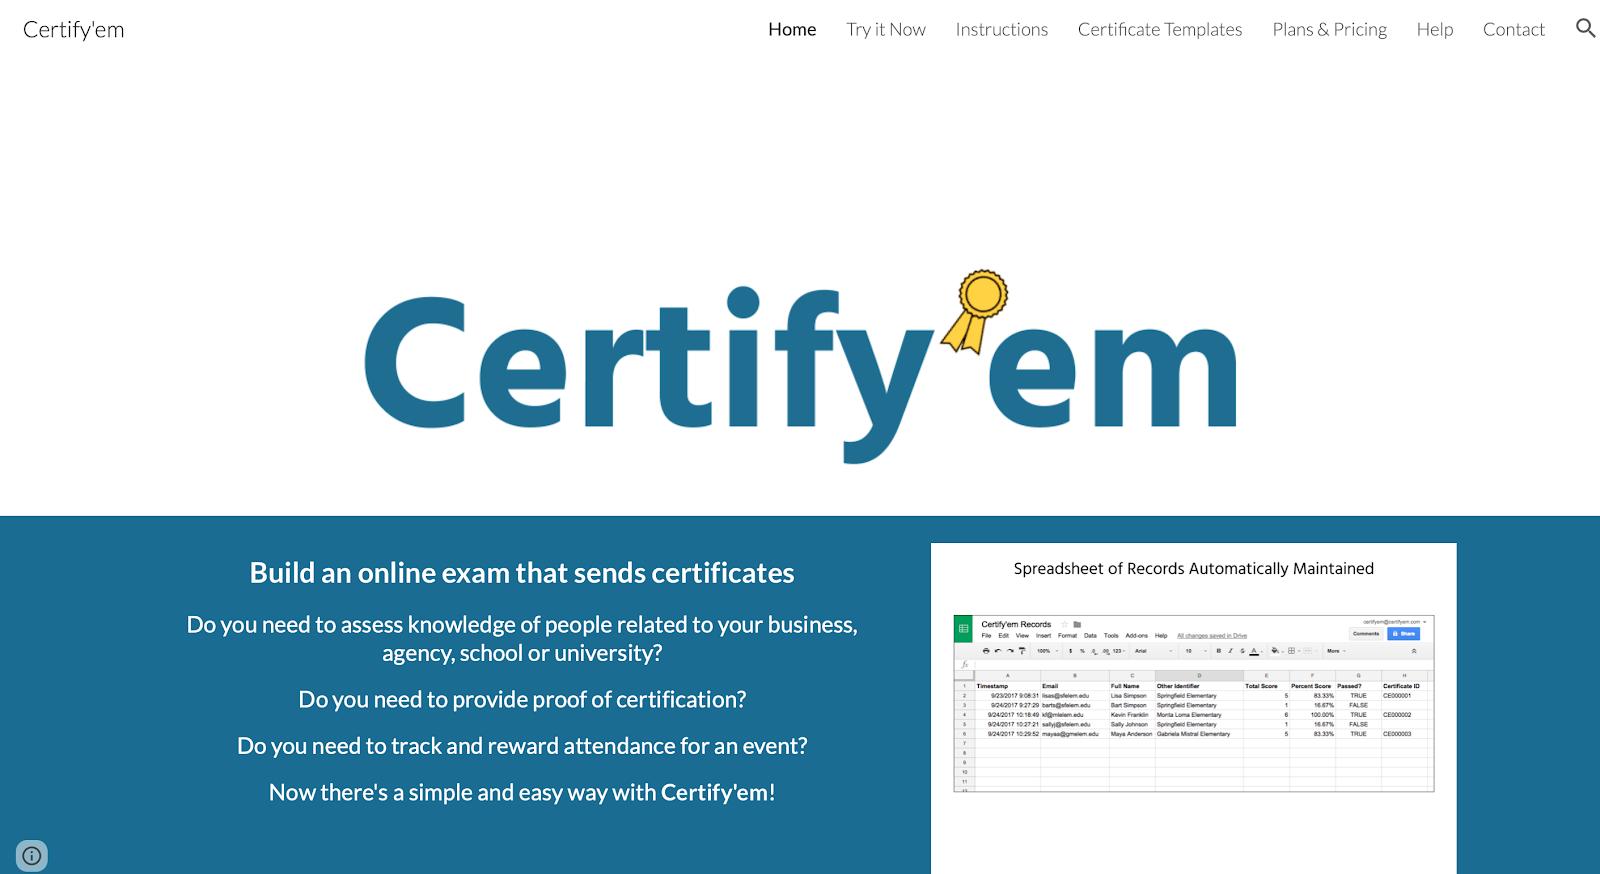 Certifyem screen